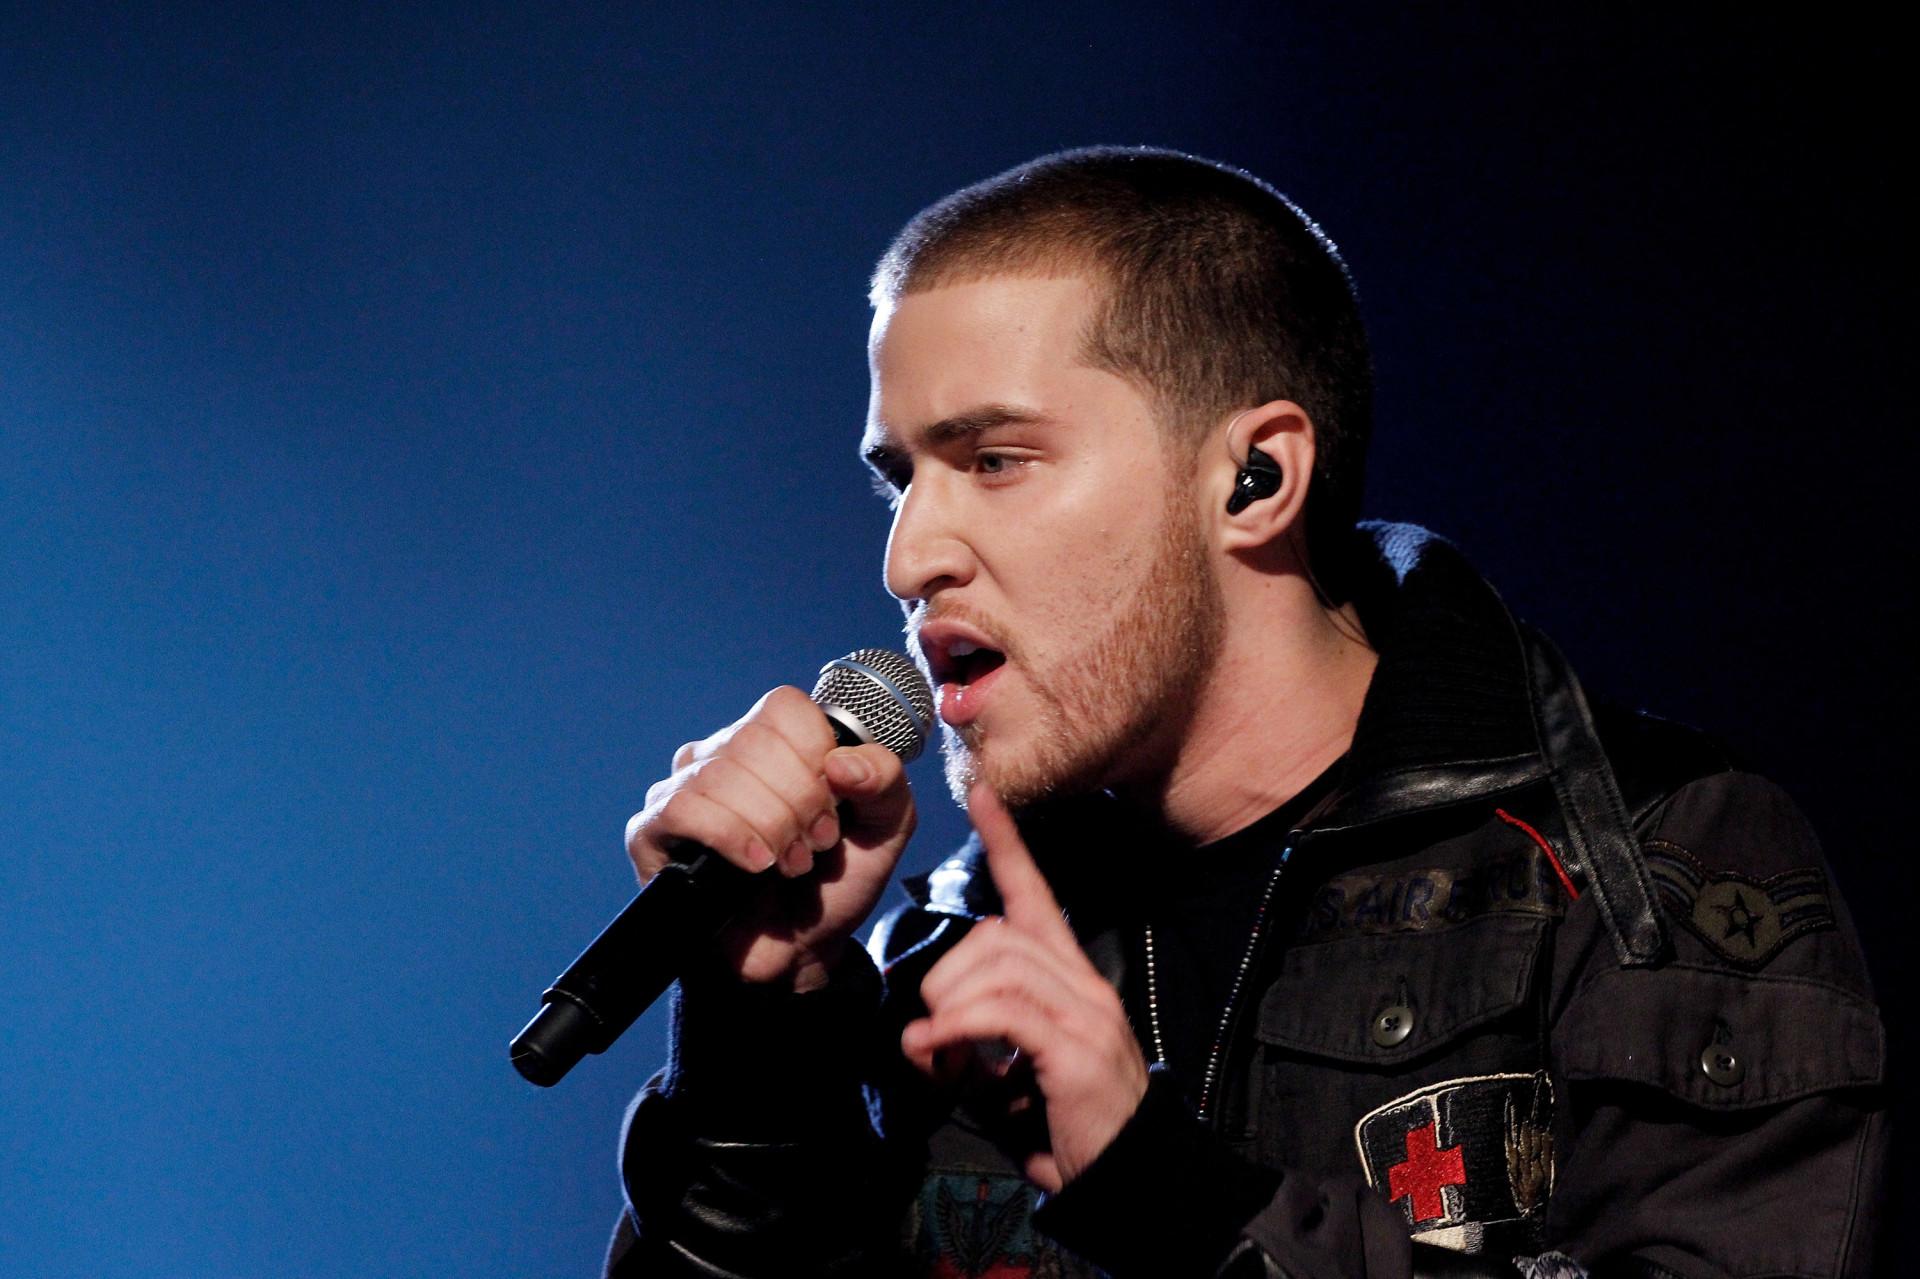 Forbesin 30 alle 30-vuotiasta vaikutusvaltaisinta musiikkivaikuttajaa